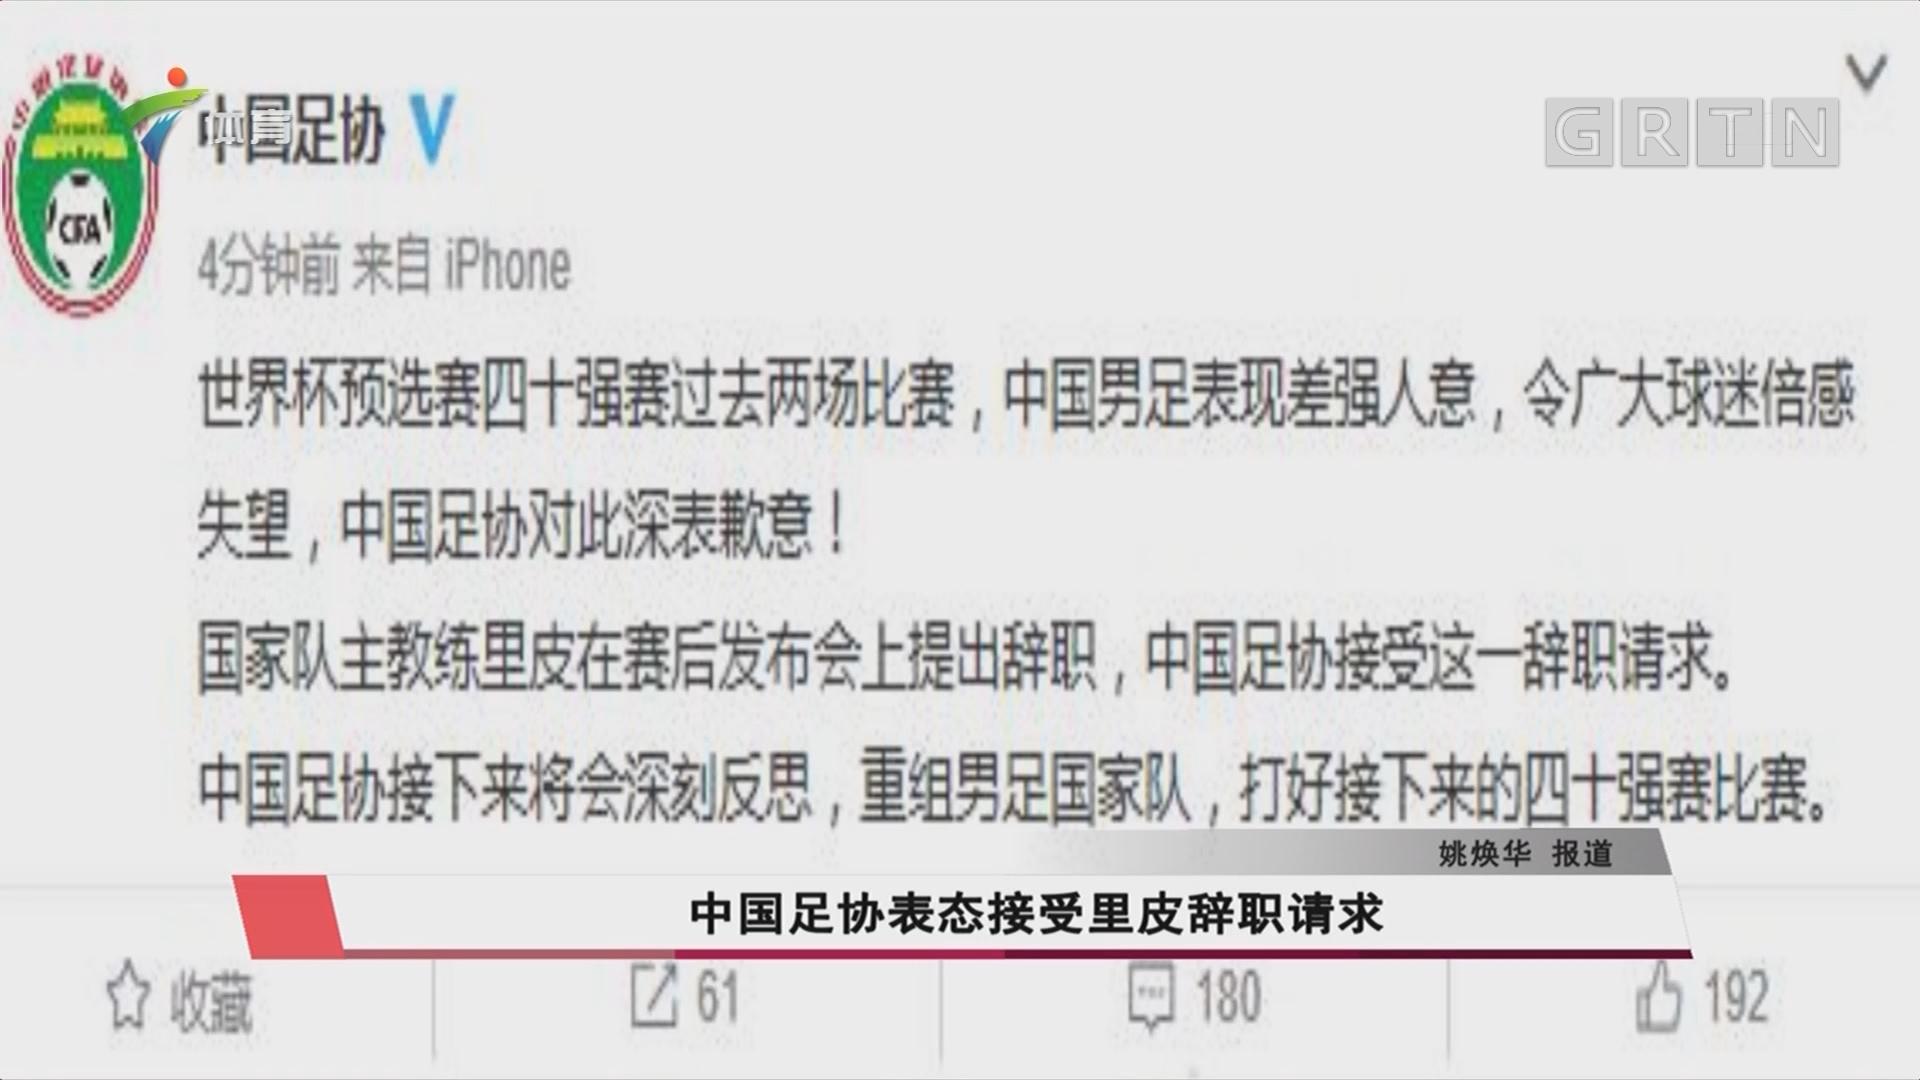 中国足协表态接受里皮辞职请求